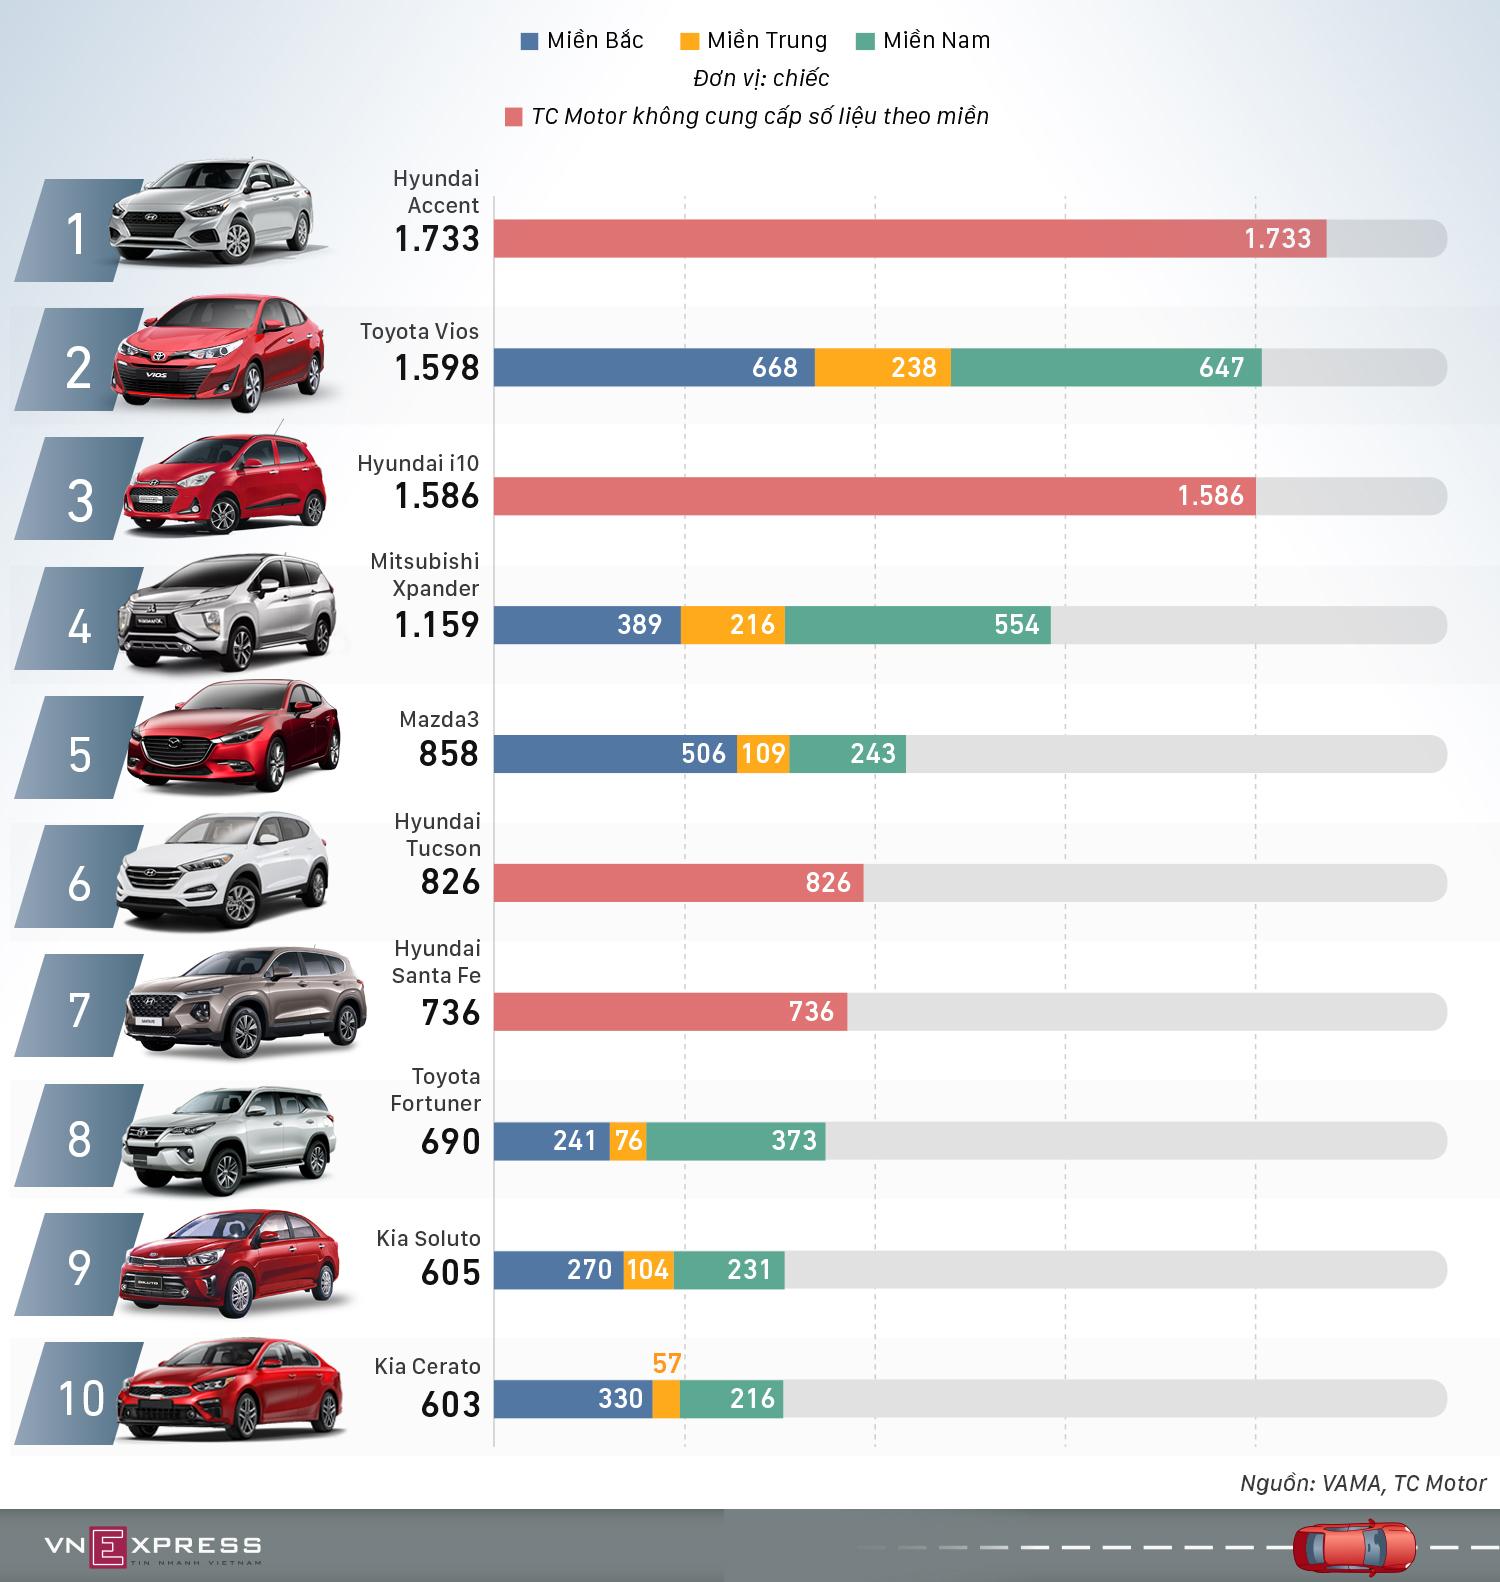 Top 10 xe bán chạy tháng 1/2020 - Hyundai Accent lên ngôi vương